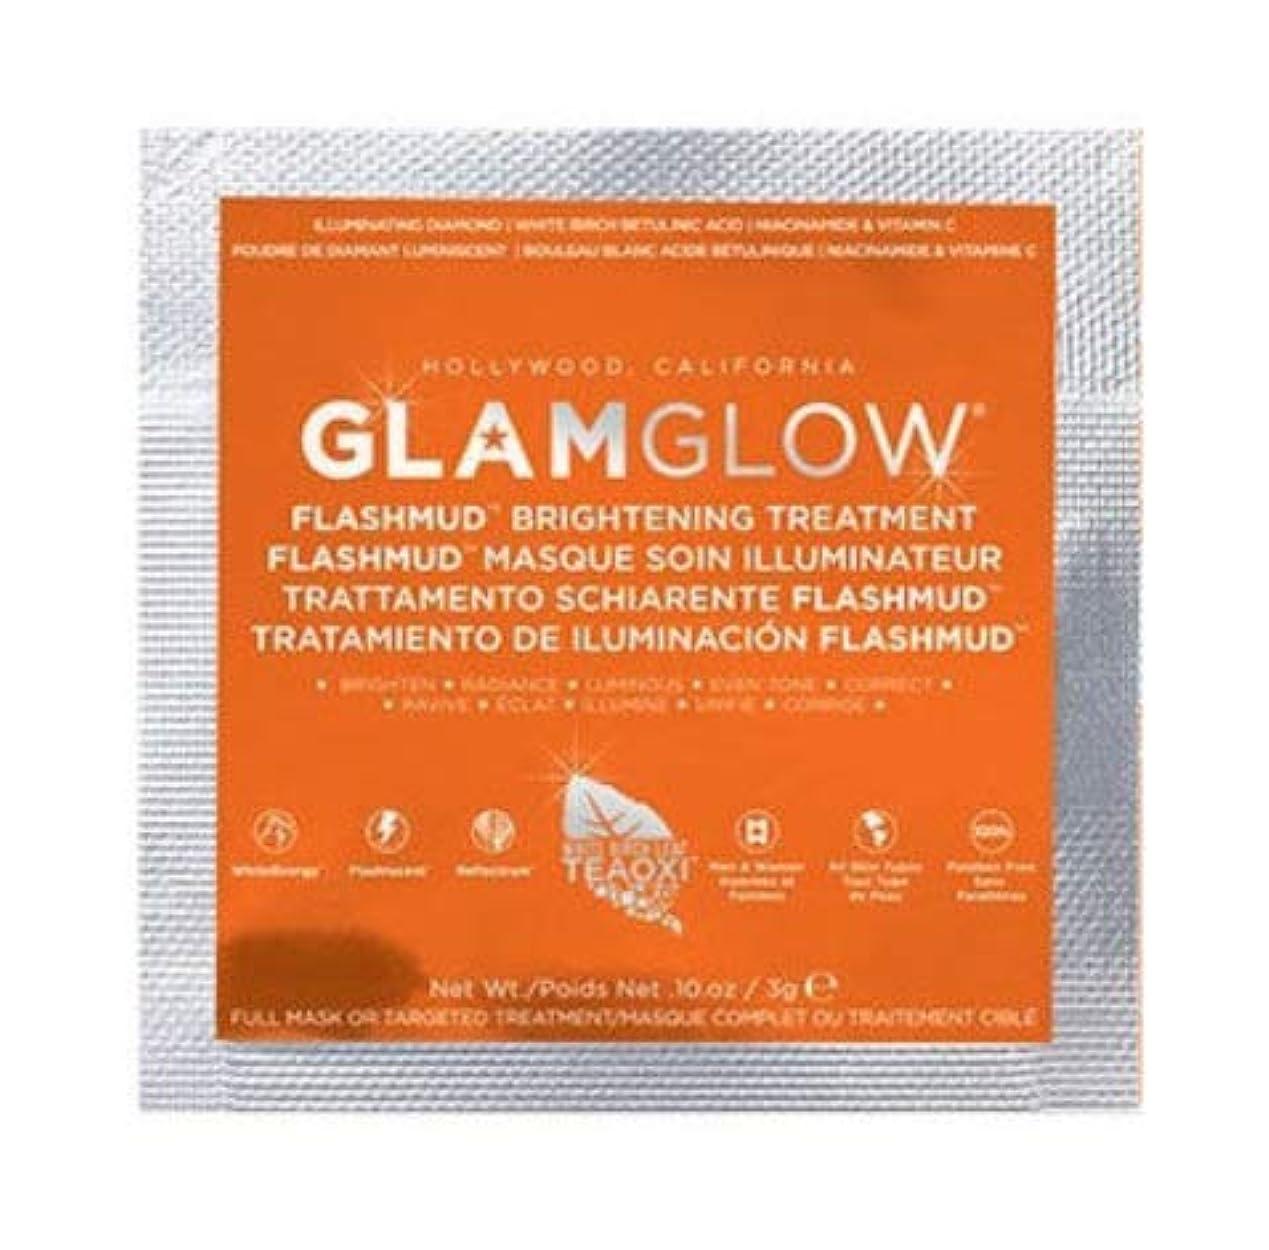 口ハング腹【サンプルサイズ】グラムグロウ (GLAMGLOW) FLASHMUD 3g (1回分) [並行輸入品]